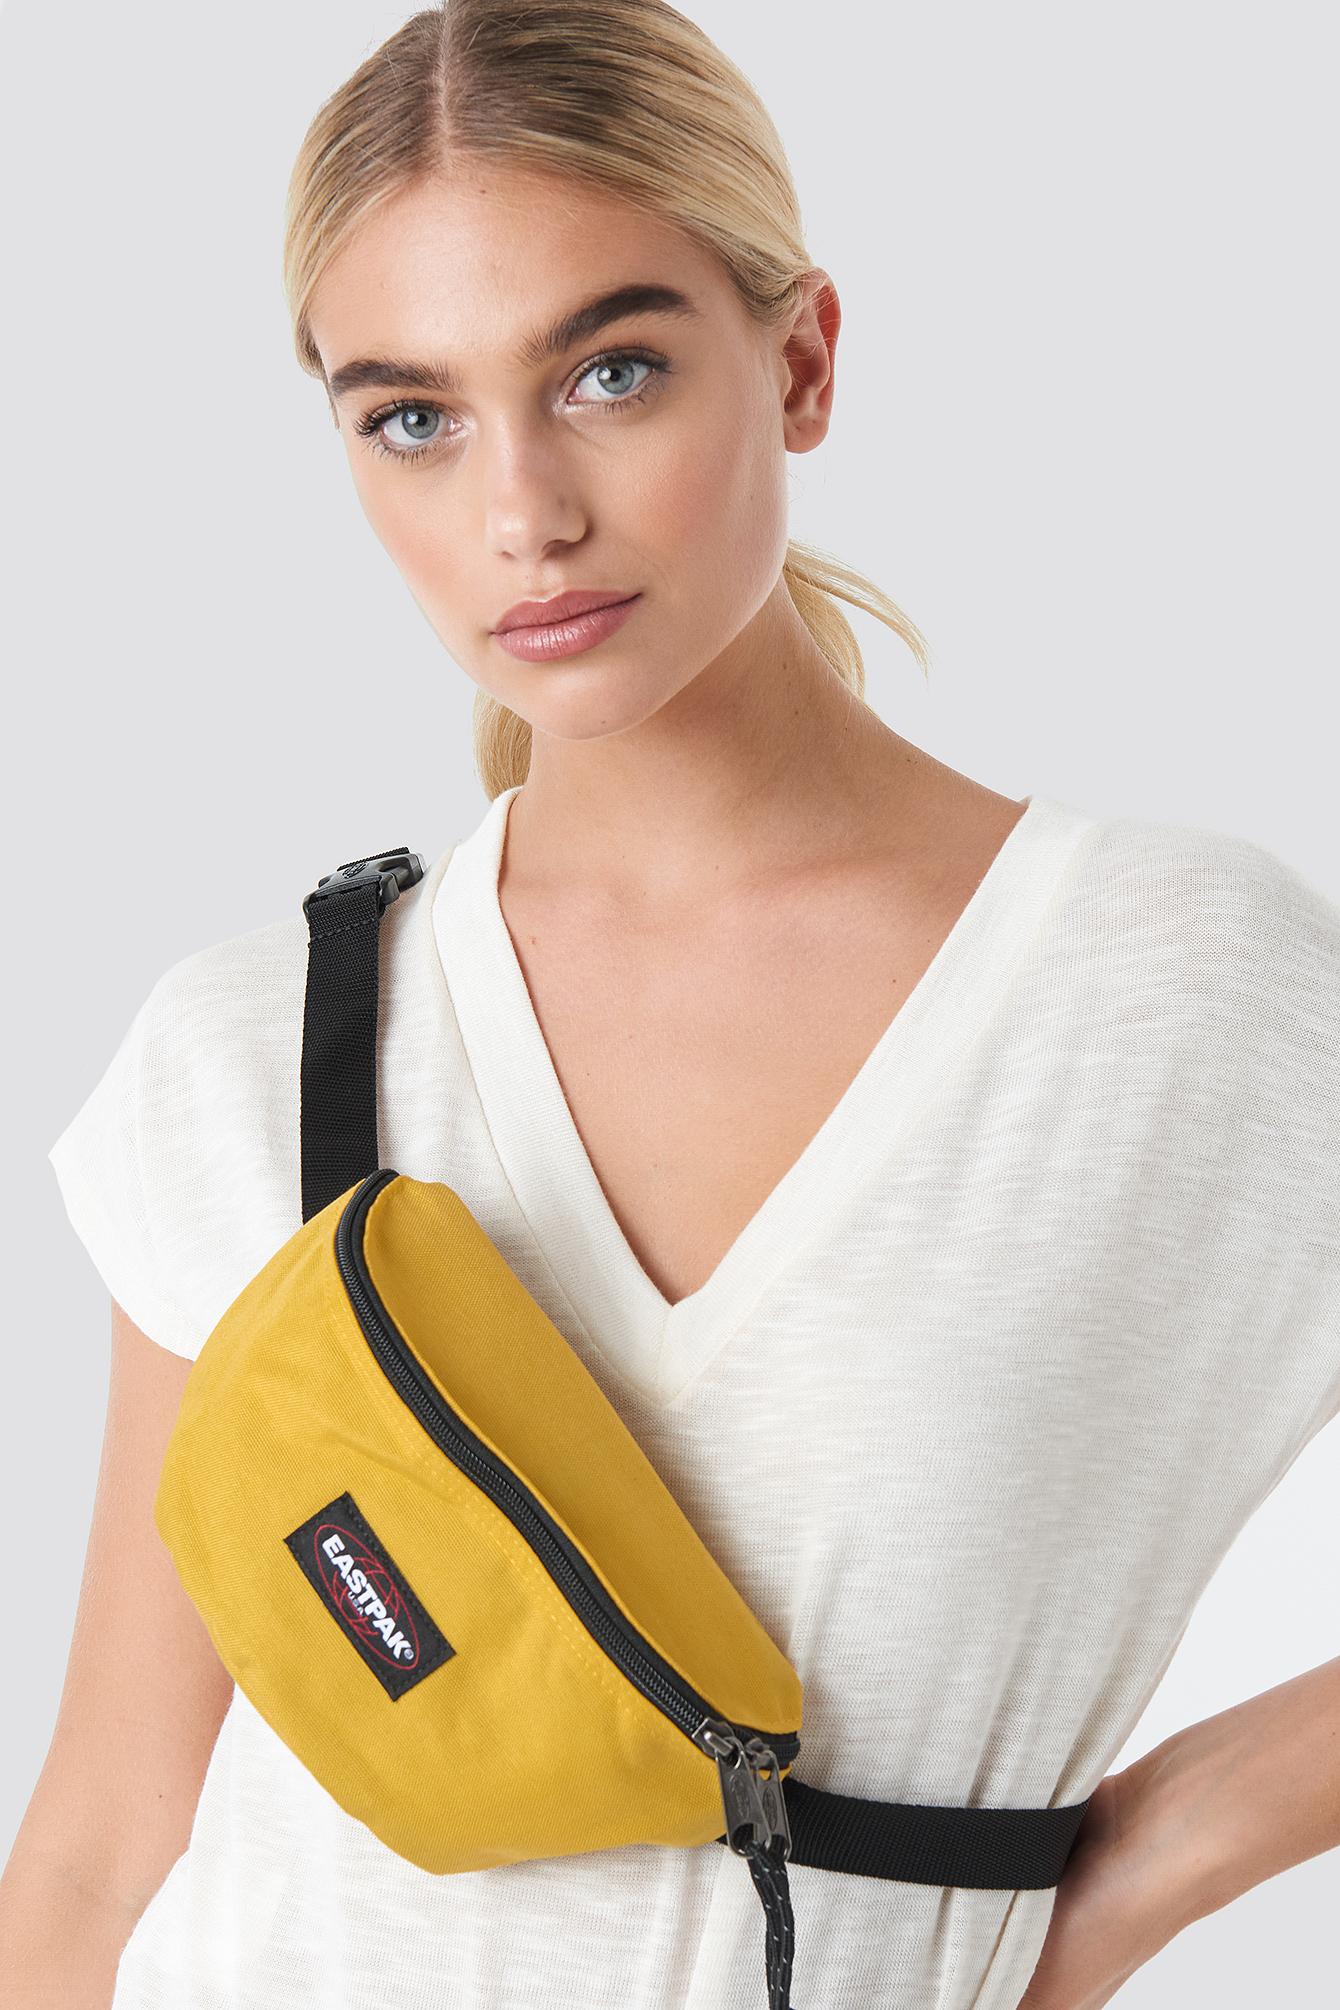 eastpak -  Springer Bag - Yellow